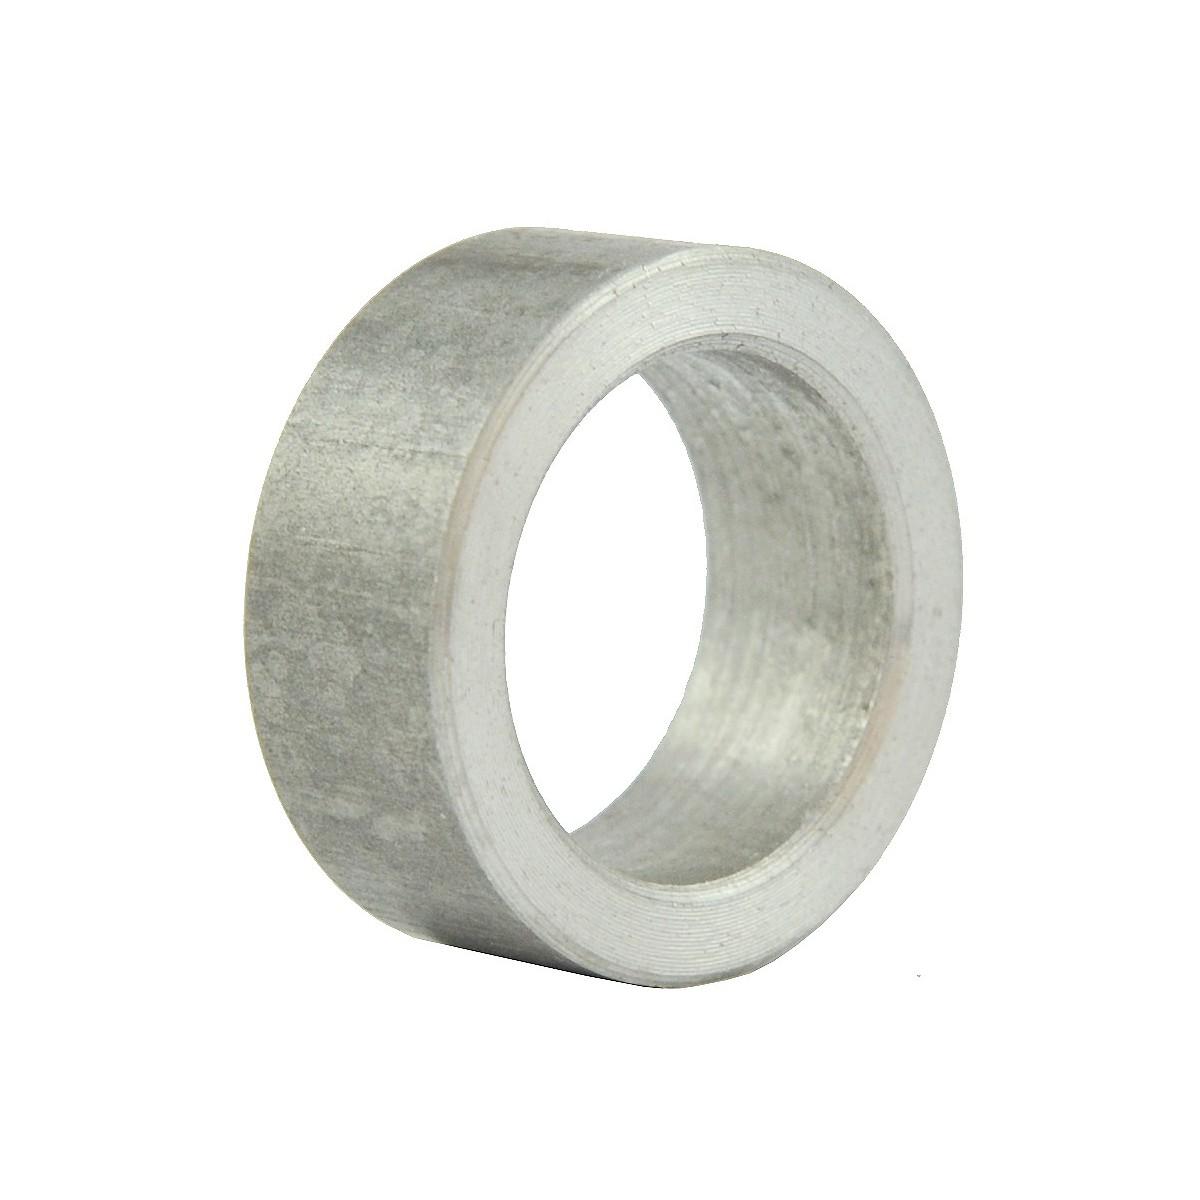 Ärmelhülse 25x35x14 Ring